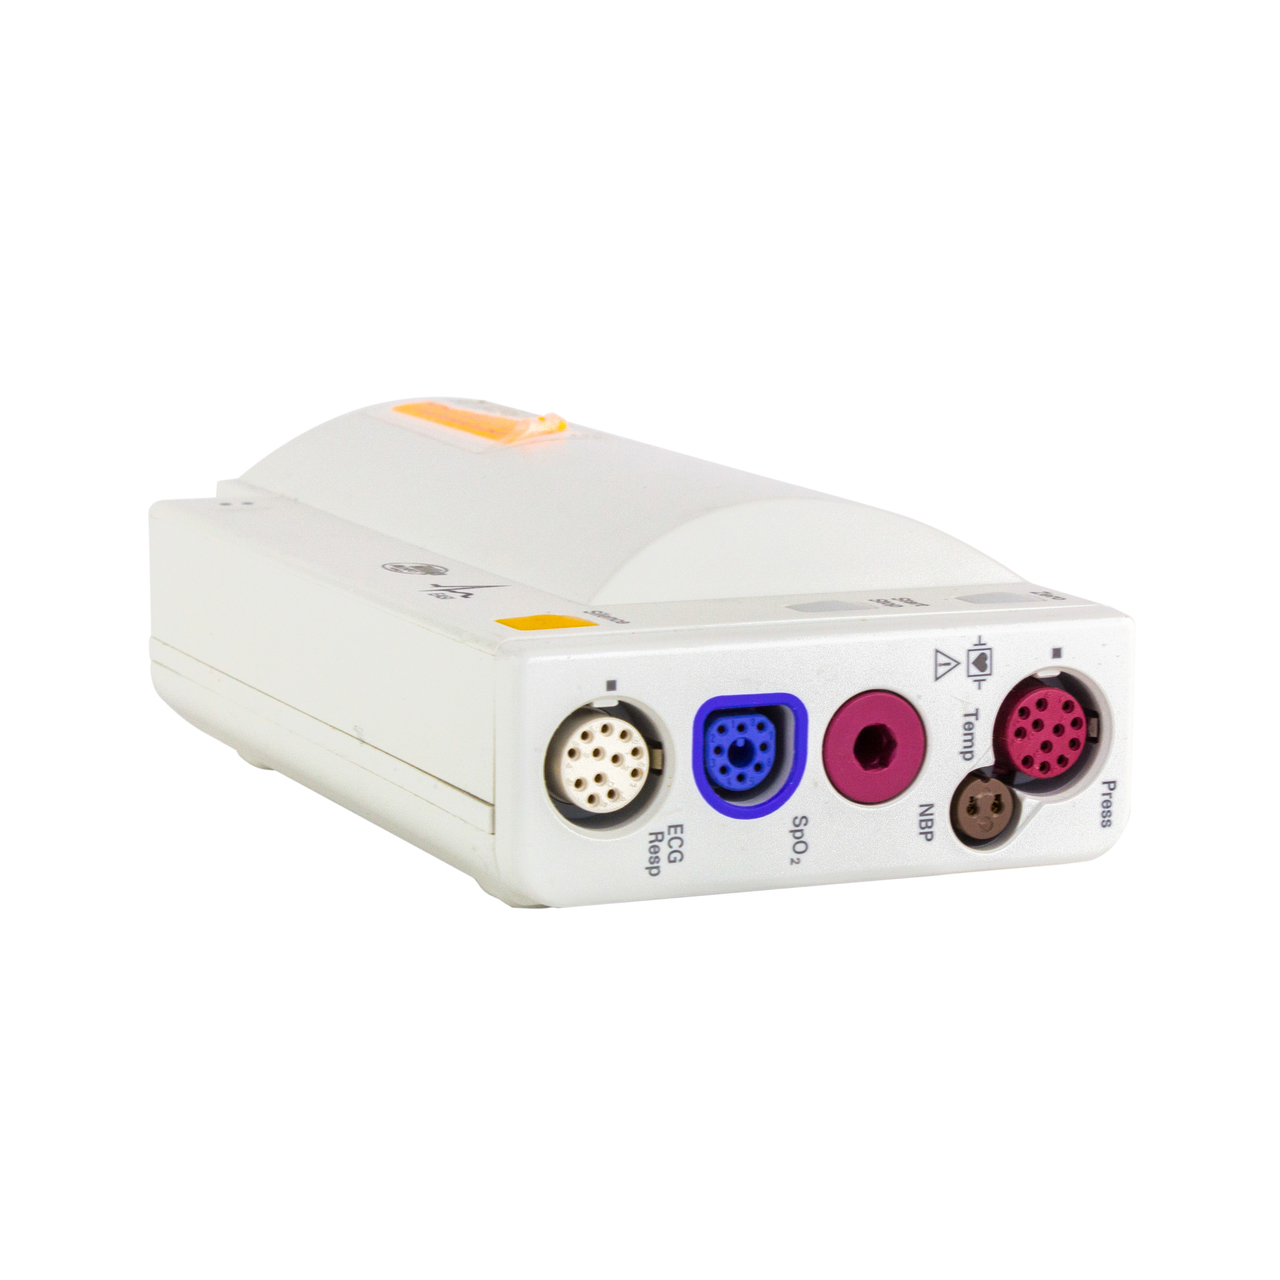 Philips Intellivue Module M3001A - A04C06 - Nellcor Oximax SPO2, NIBP, ECG, Temp, iBP